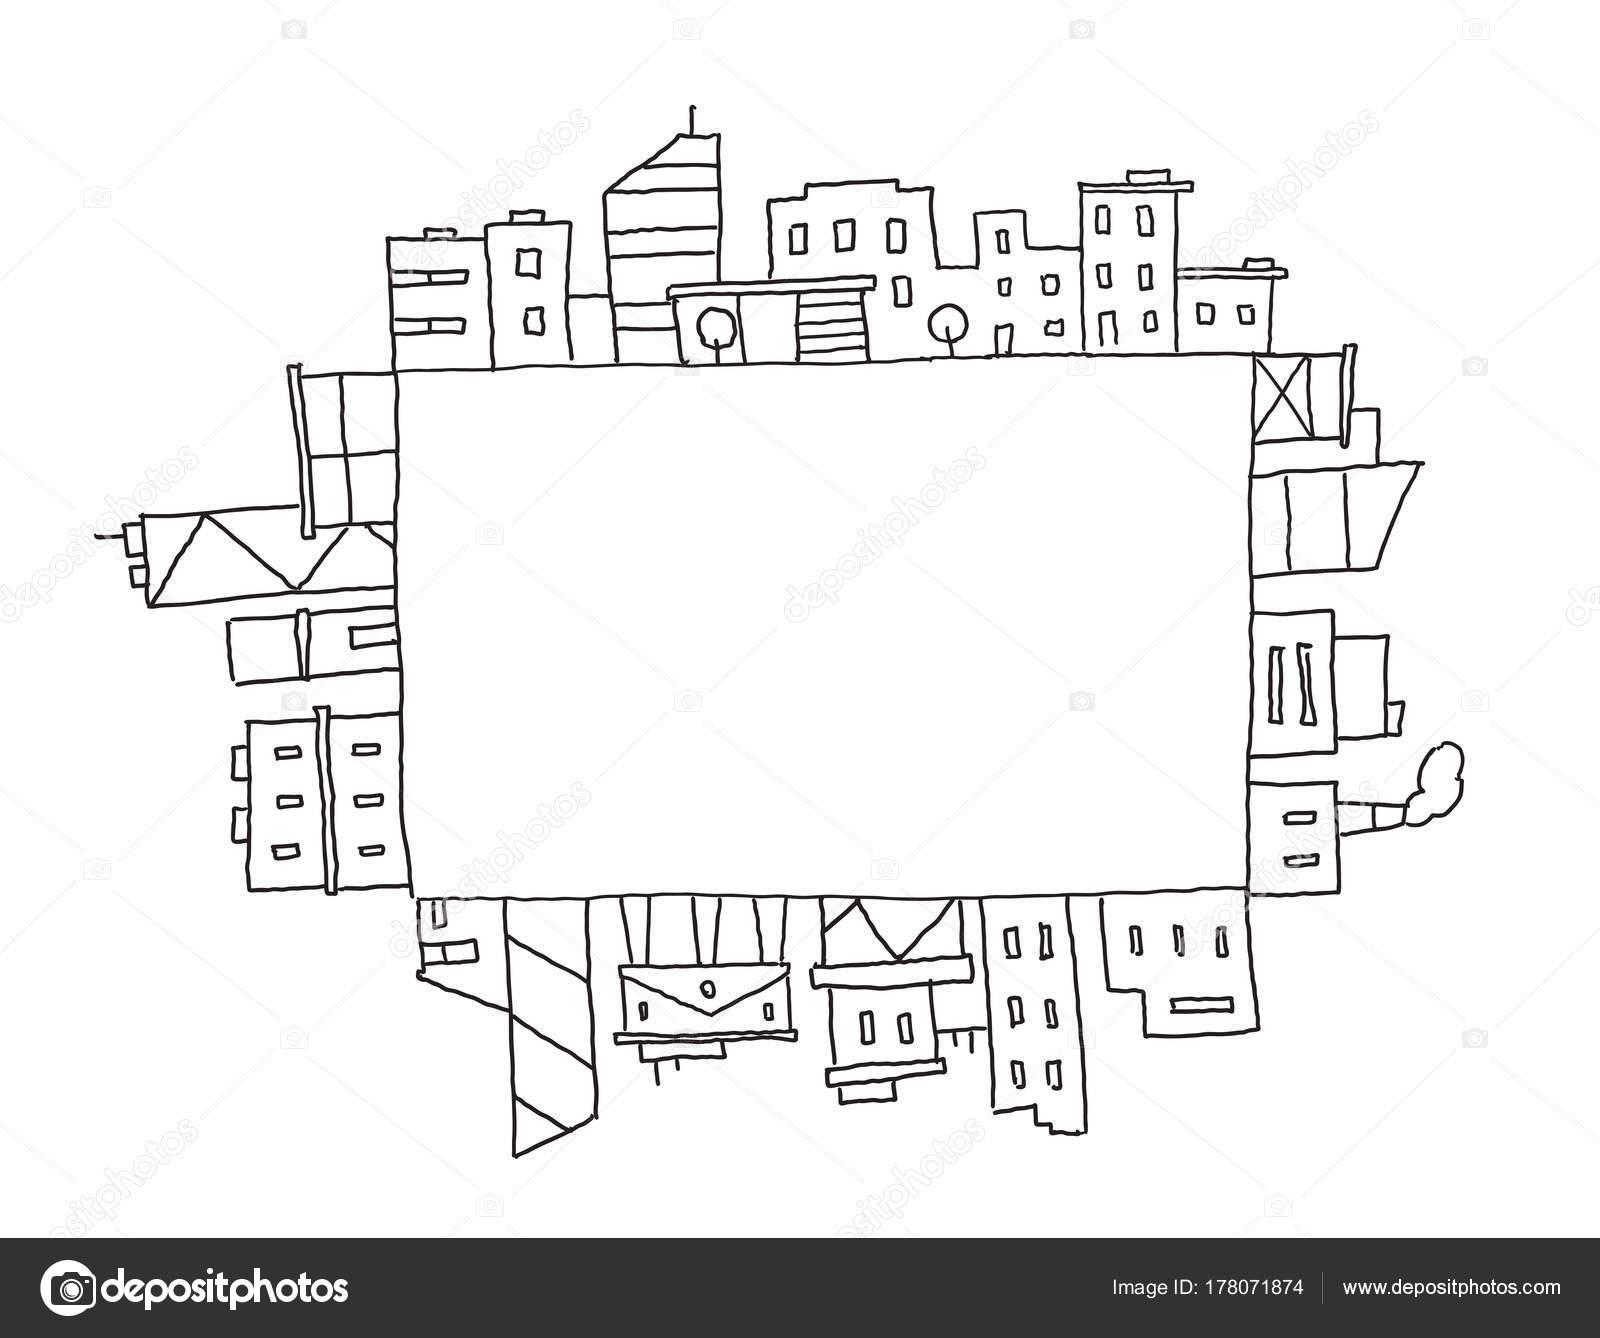 Stadtpanorama In Rechteckige Flache Zeichnen Platz Fur Text Handgezeichnete Skizze Lager Linie Vektorgrafik Gebaude Architektur Landschaft